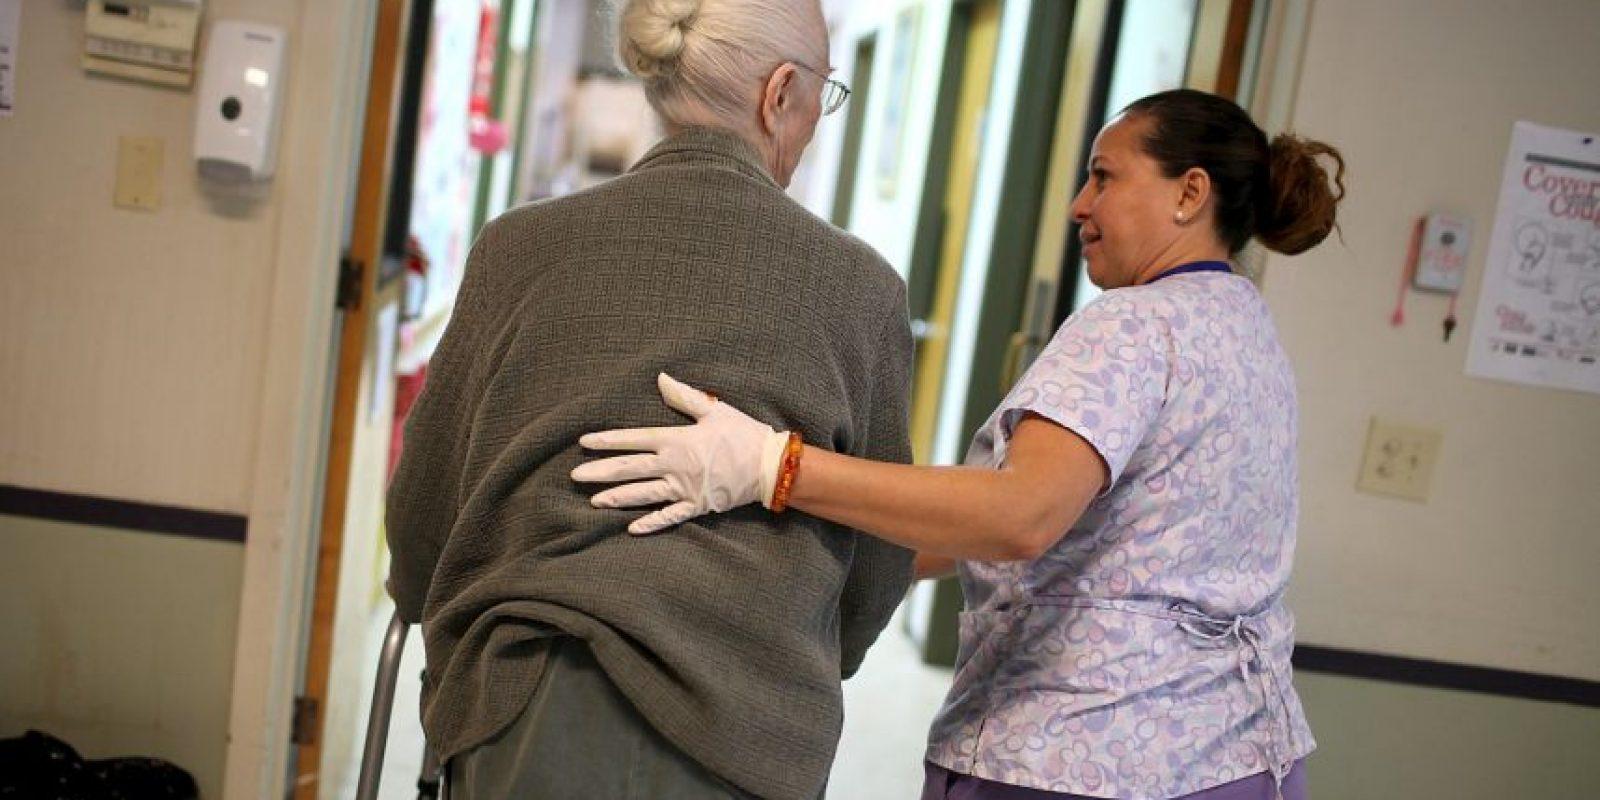 De nueve encuestas revisadas, los enfermeros aparecieron seis veces como uno de los trabajos mas felices del mundo Foto:Getty Images